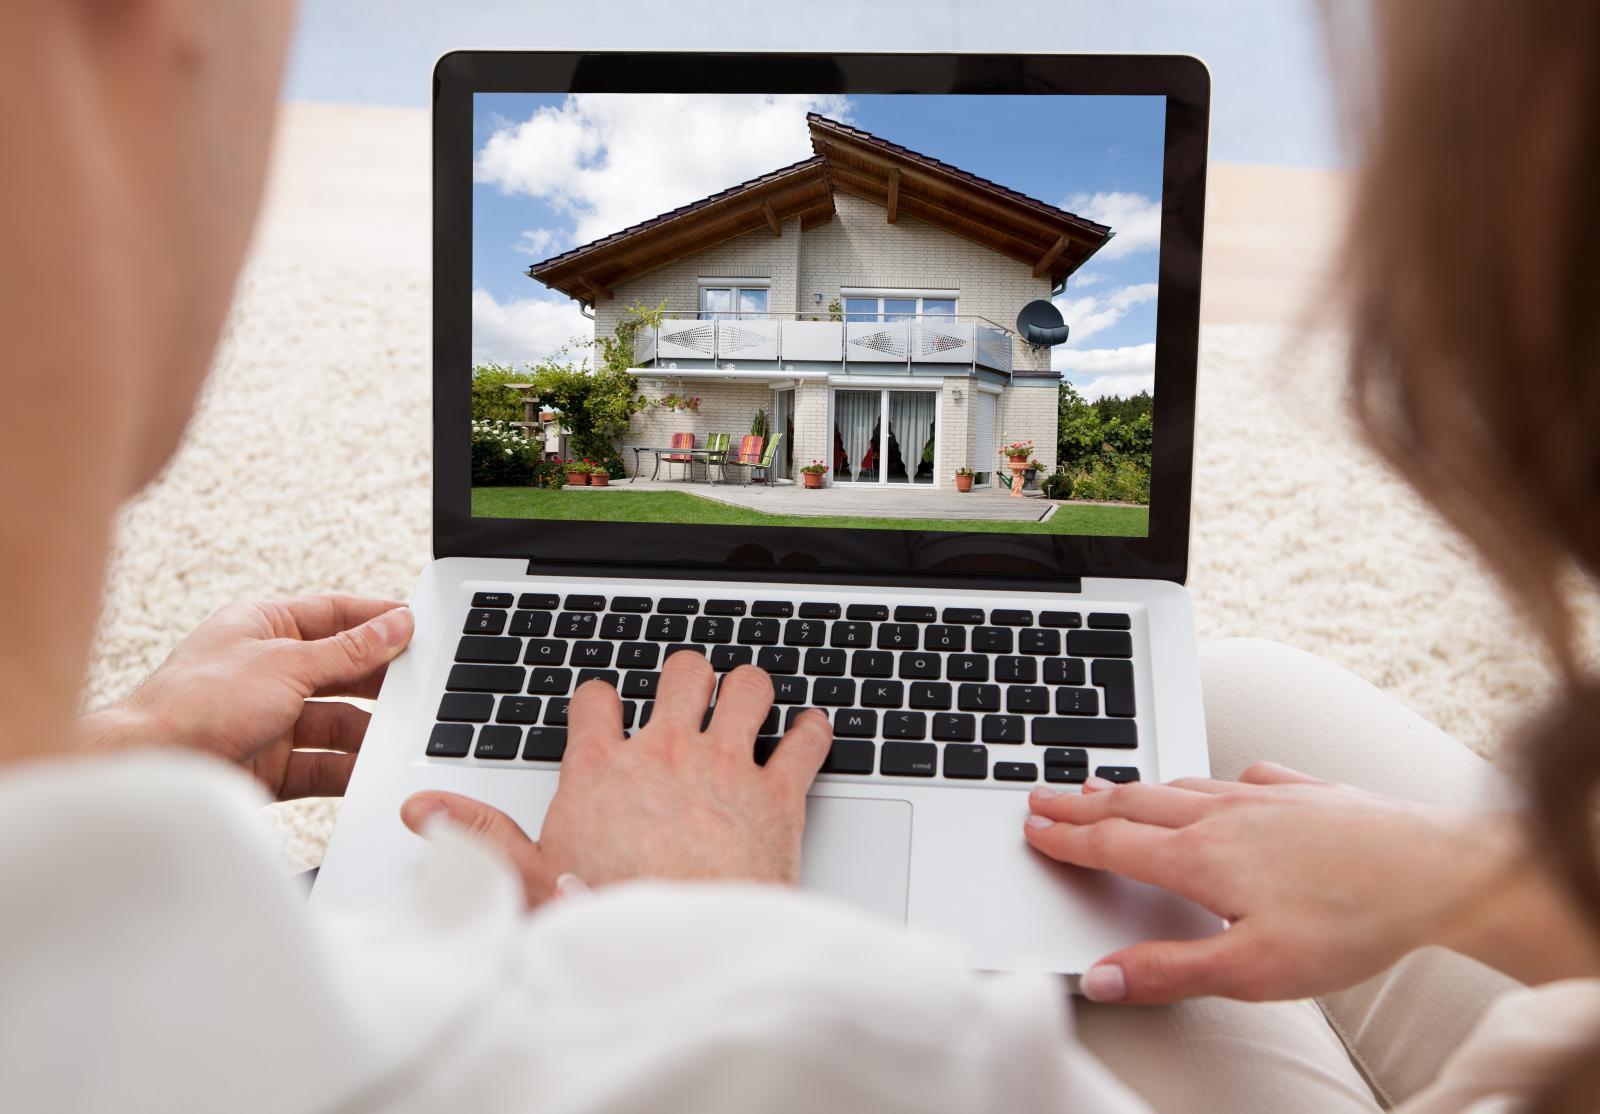 Hình ảnh 2 ngồi xem hình ảnh ngôi nhà trên chiếc máy tính xách tay